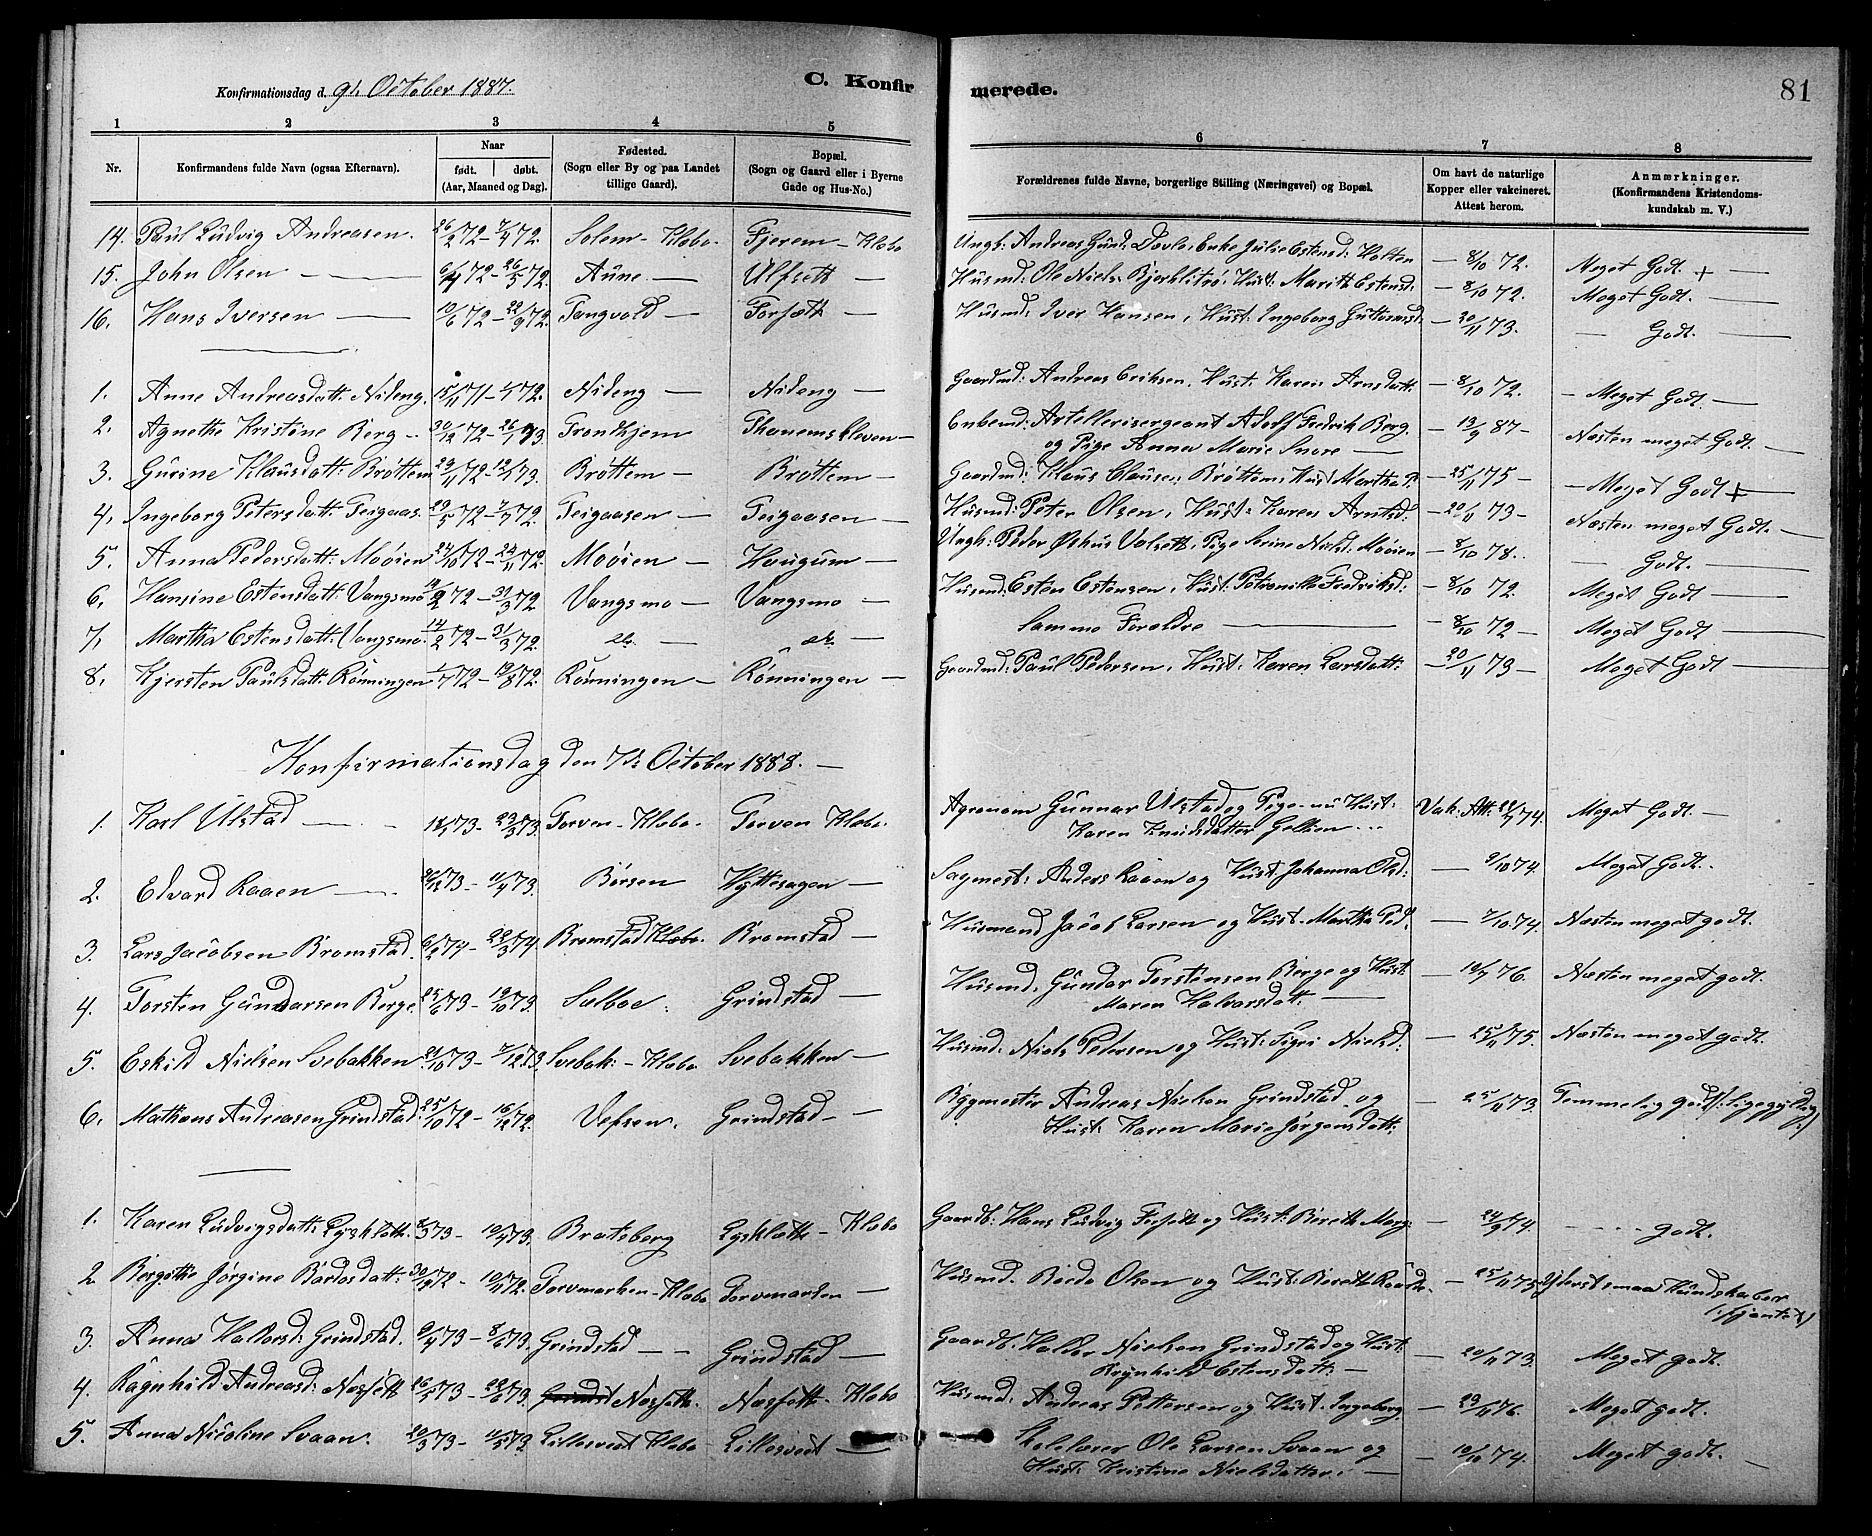 SAT, Ministerialprotokoller, klokkerbøker og fødselsregistre - Sør-Trøndelag, 618/L0452: Klokkerbok nr. 618C03, 1884-1906, s. 81